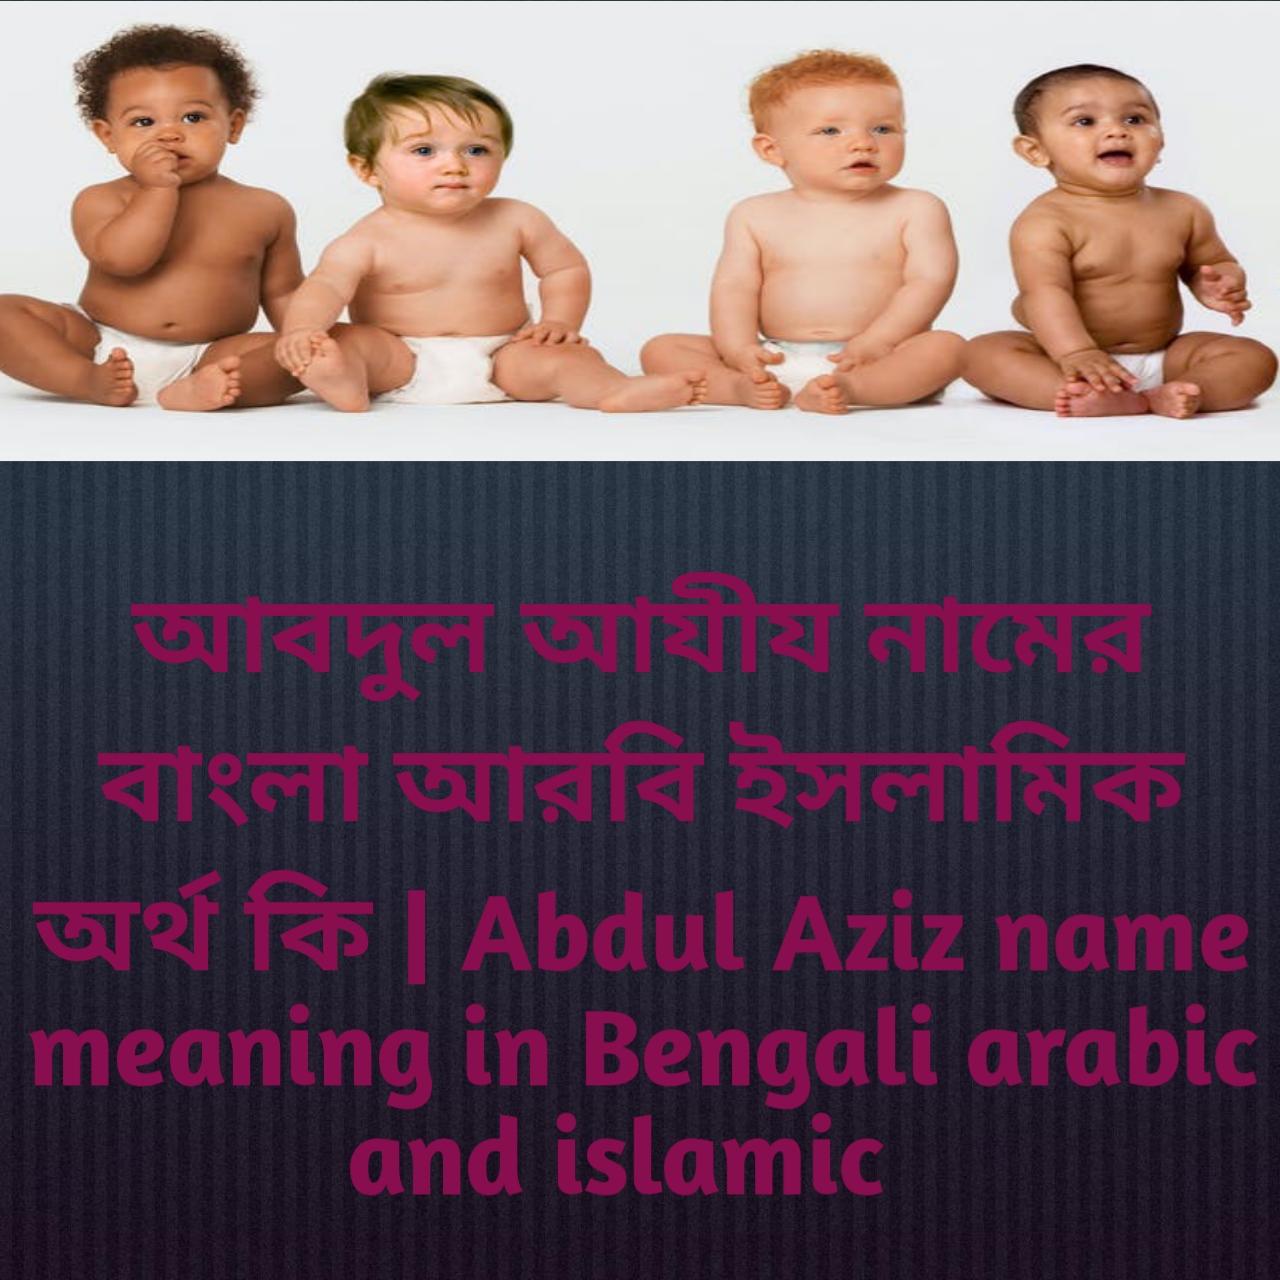 আবদুল আযীয নামের অর্থ কি, আবদুল আযীয নামের বাংলা অর্থ কি, আবদুল আযীয নামের ইসলামিক অর্থ কি, Abdul Aziz name meaning in Bengali, আবদুল আযীয কি ইসলামিক নাম,